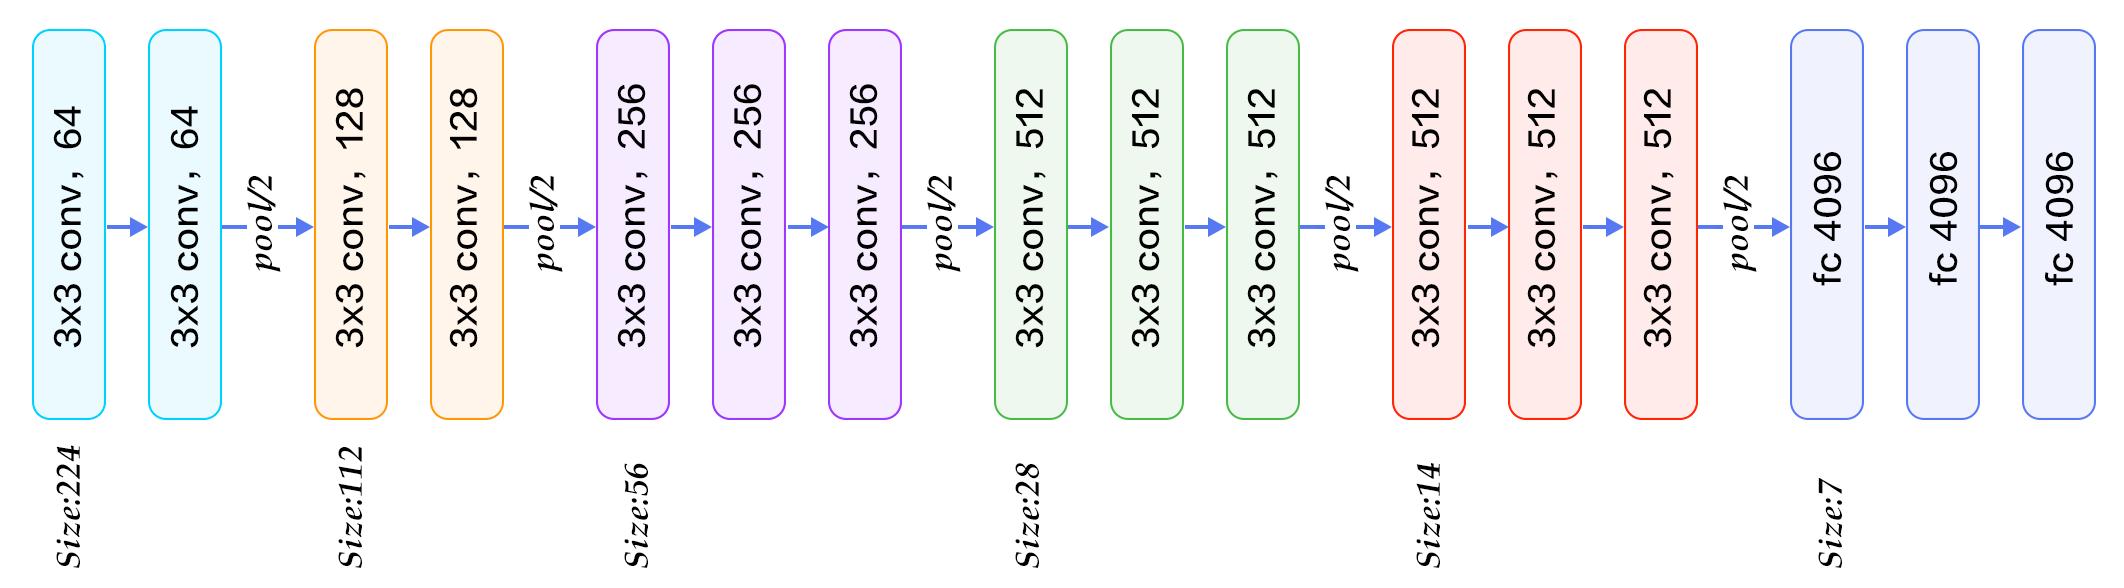 Architecture de VGG-16